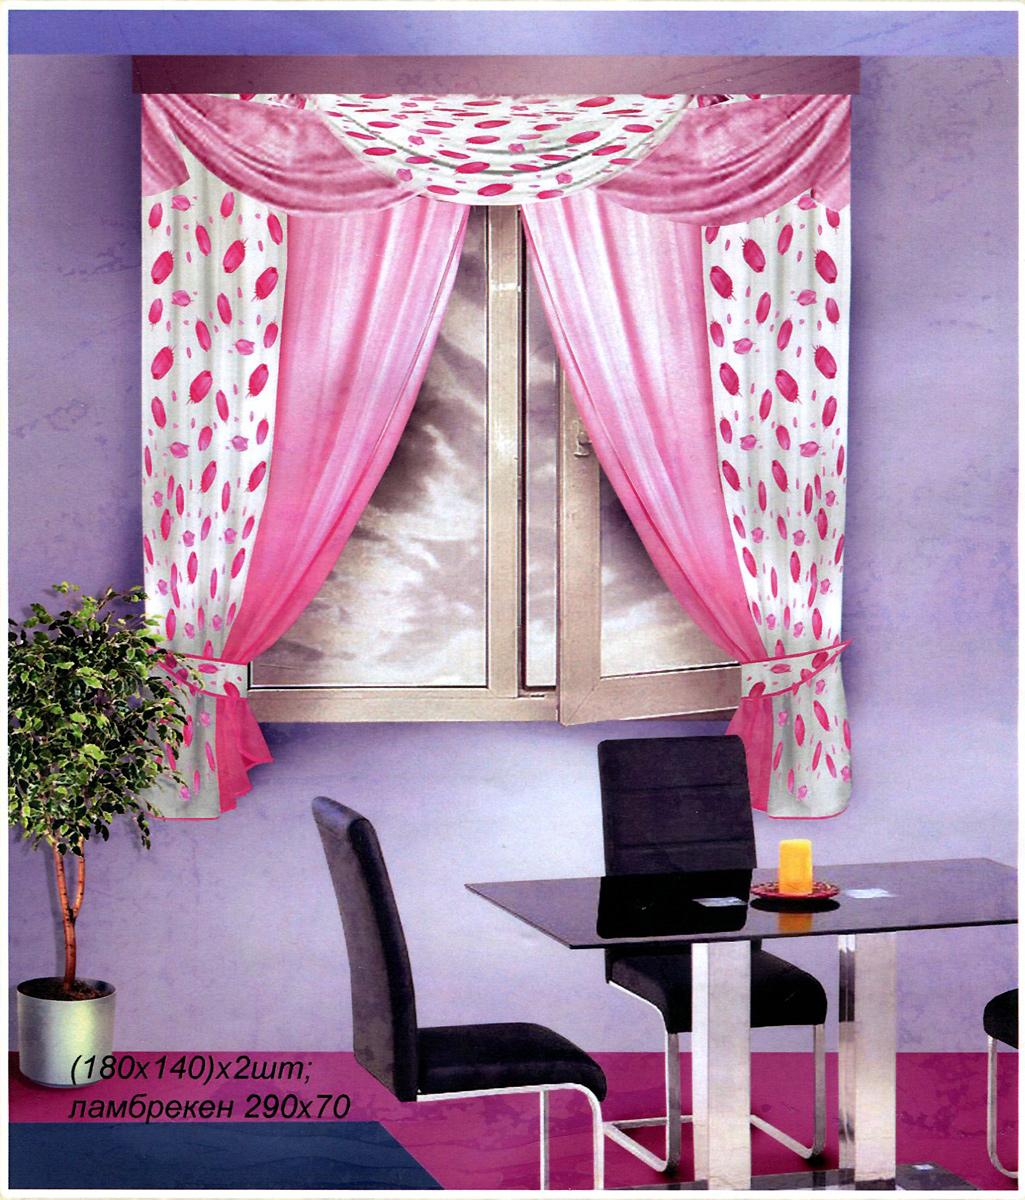 Комплект штор для кухни Zlata Korunka, на ленте, цвет: розовый, высота 180 см. Б087Б087 розовыйКомплект штор Zlata Korunka, изготовленный из легкой и воздушной вуали, станет великолепным украшением кухонного окна. В комплект входят 2 шторы, ламбрекен и 2 подхвата. Шторы и ламбрекен выполнены из сшитых между собой полотен, полотна белого цвета украшены нежным цветочным рисунком. Для более изящного расположения на окне к комплекту прилагается 2 подхвата. Все элементы комплекта оснащены шторной лентой для красивой сборки. Оригинальный дизайн и приятная цветовая гамма привлекут к себе внимание и органично впишутся в интерьер.